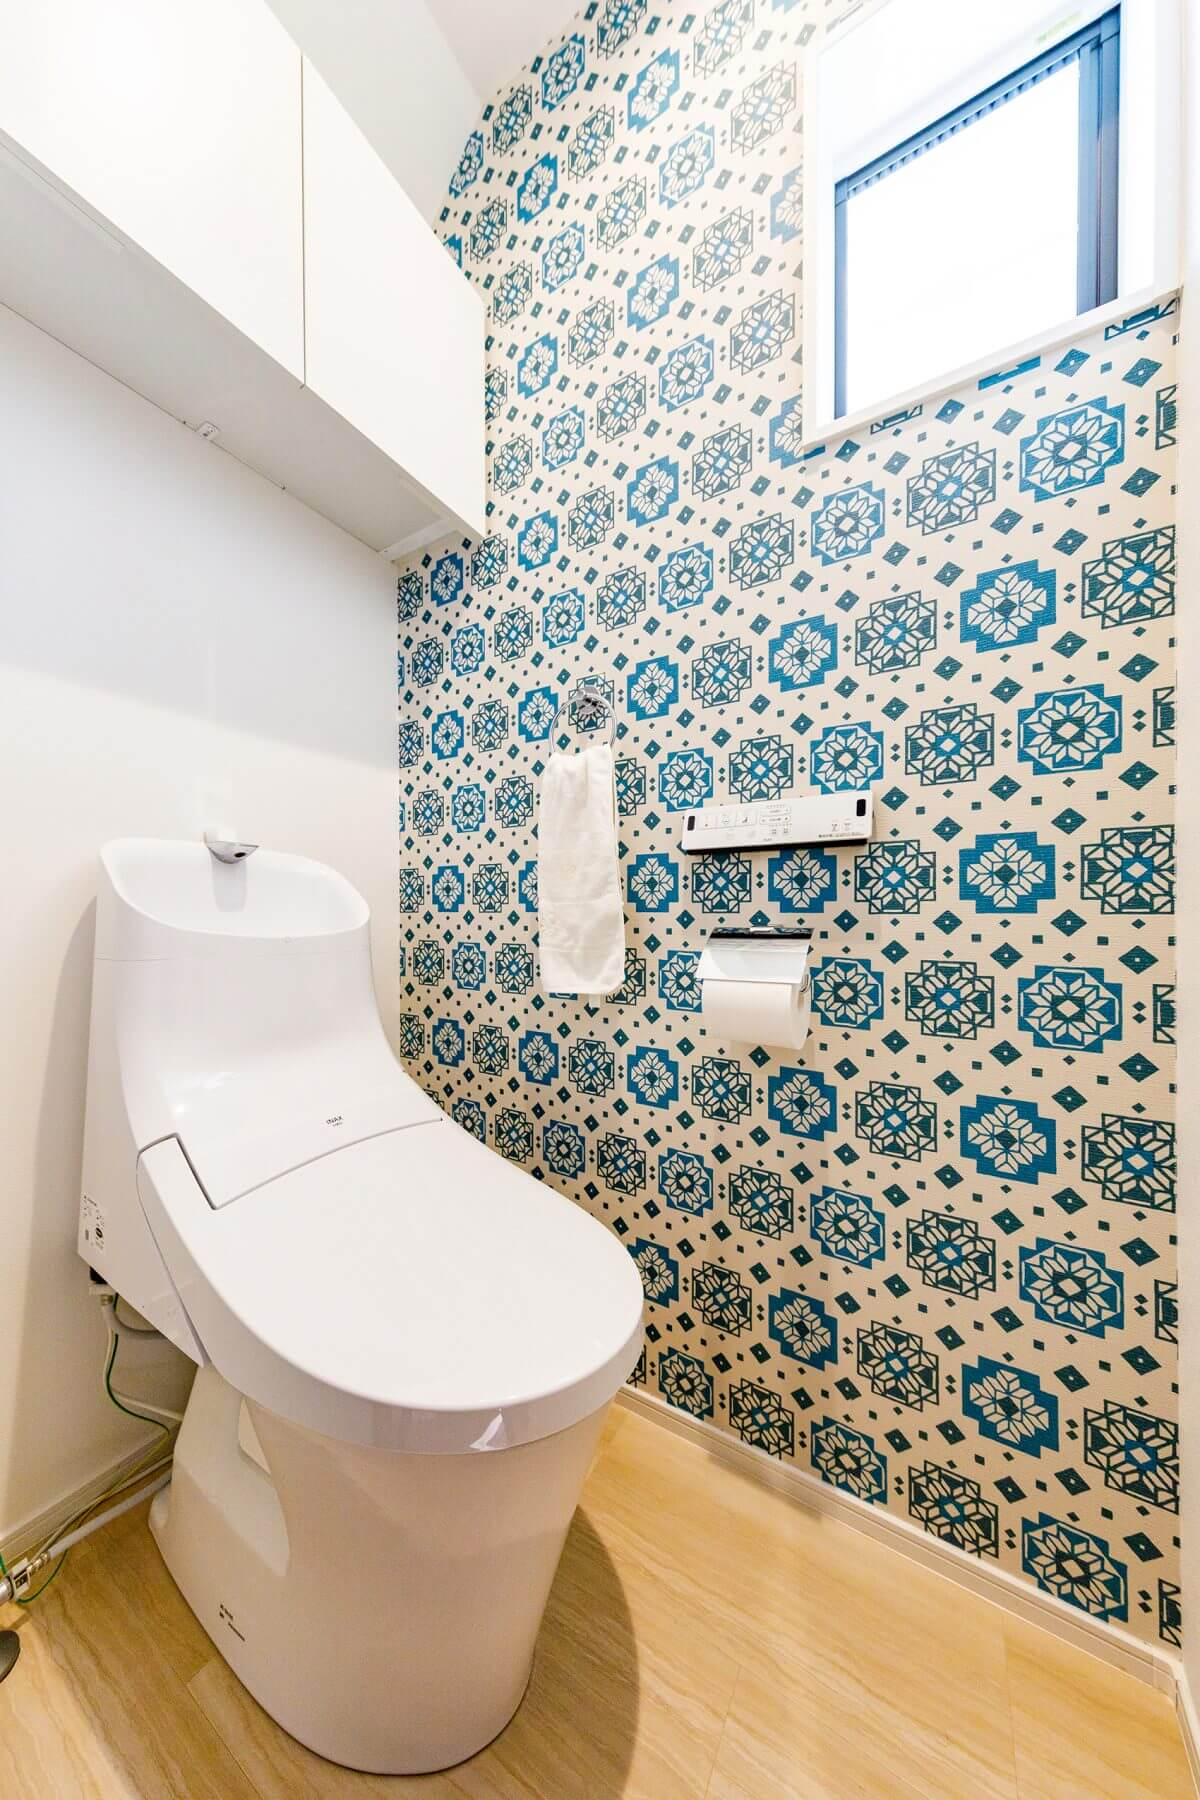 目の覚めるターコイズブルーの幾何学模様の壁紙をあしらったトイレ。限られた空間を遊び心を交えてセンス良くコーディネートしました。